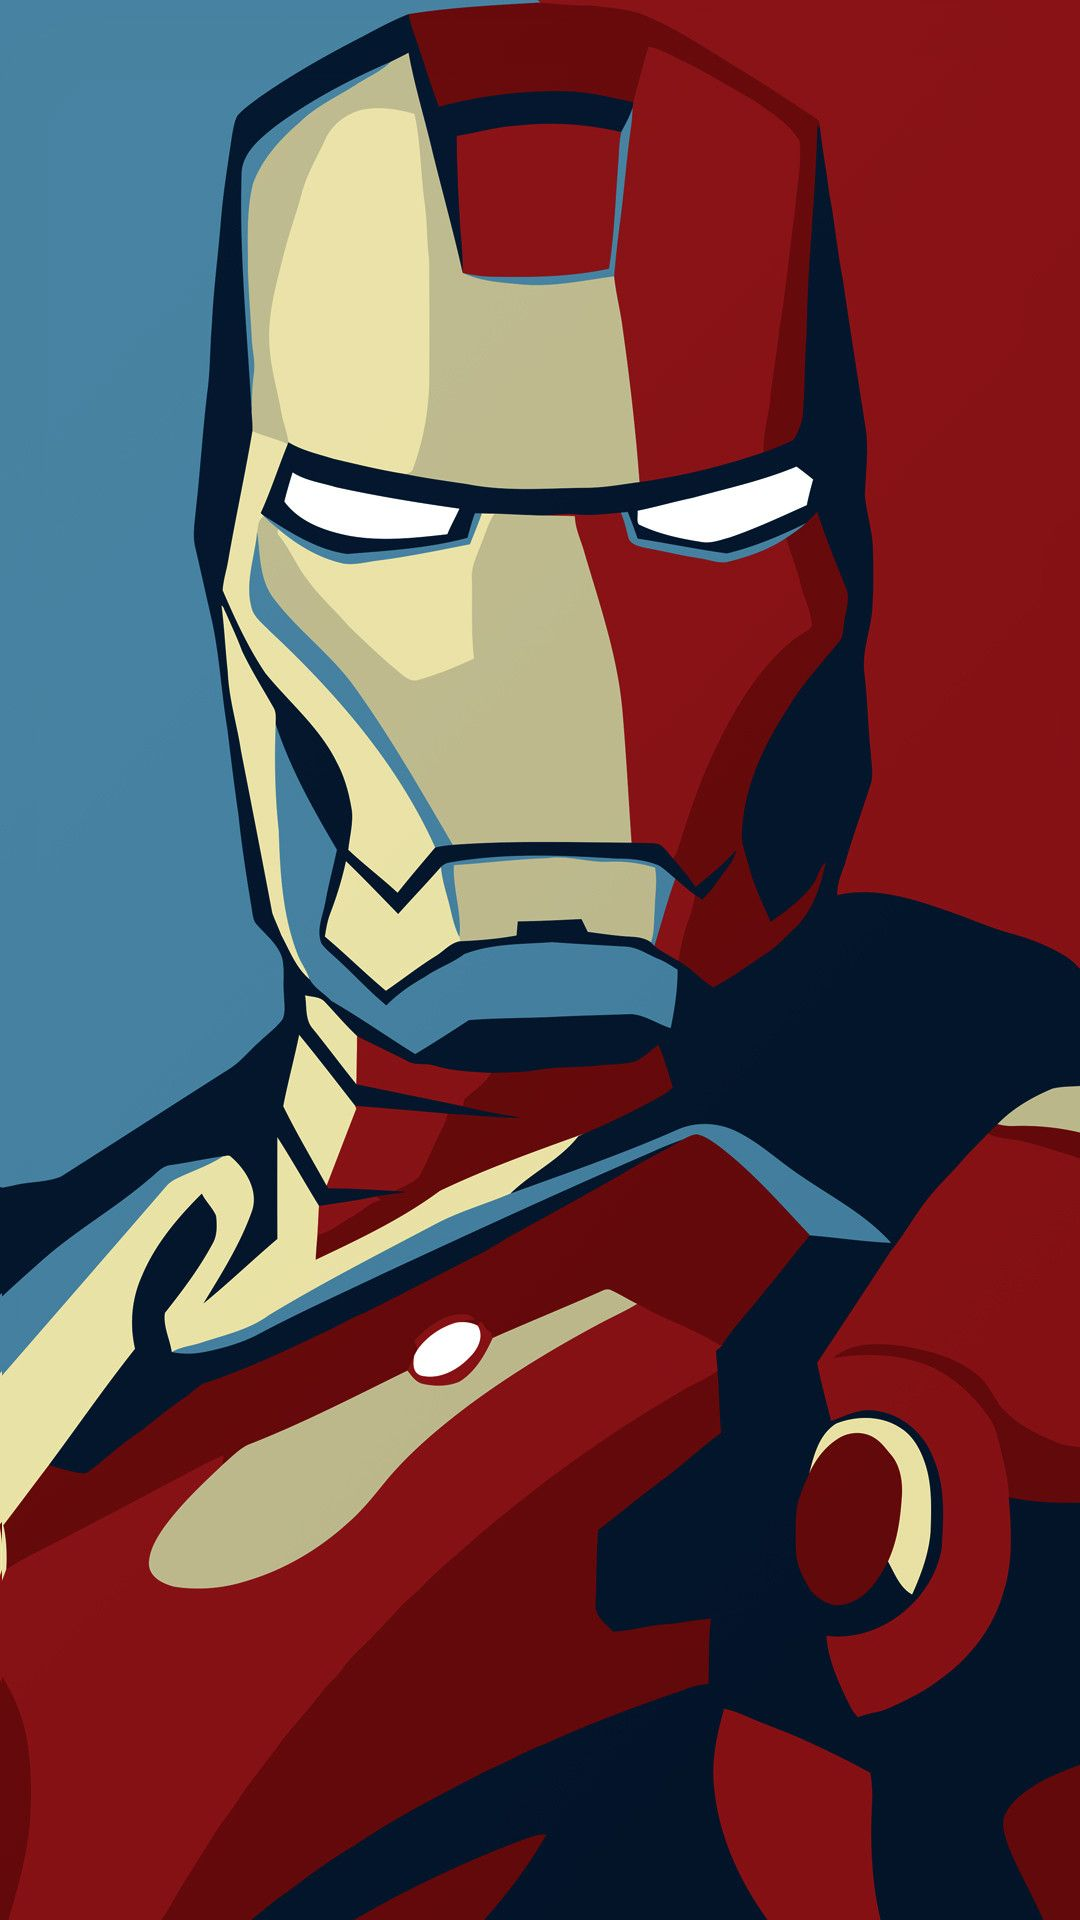 1080x1920 Iron Man Hd Wallpaper Iron Man Wallpaper Iron Man